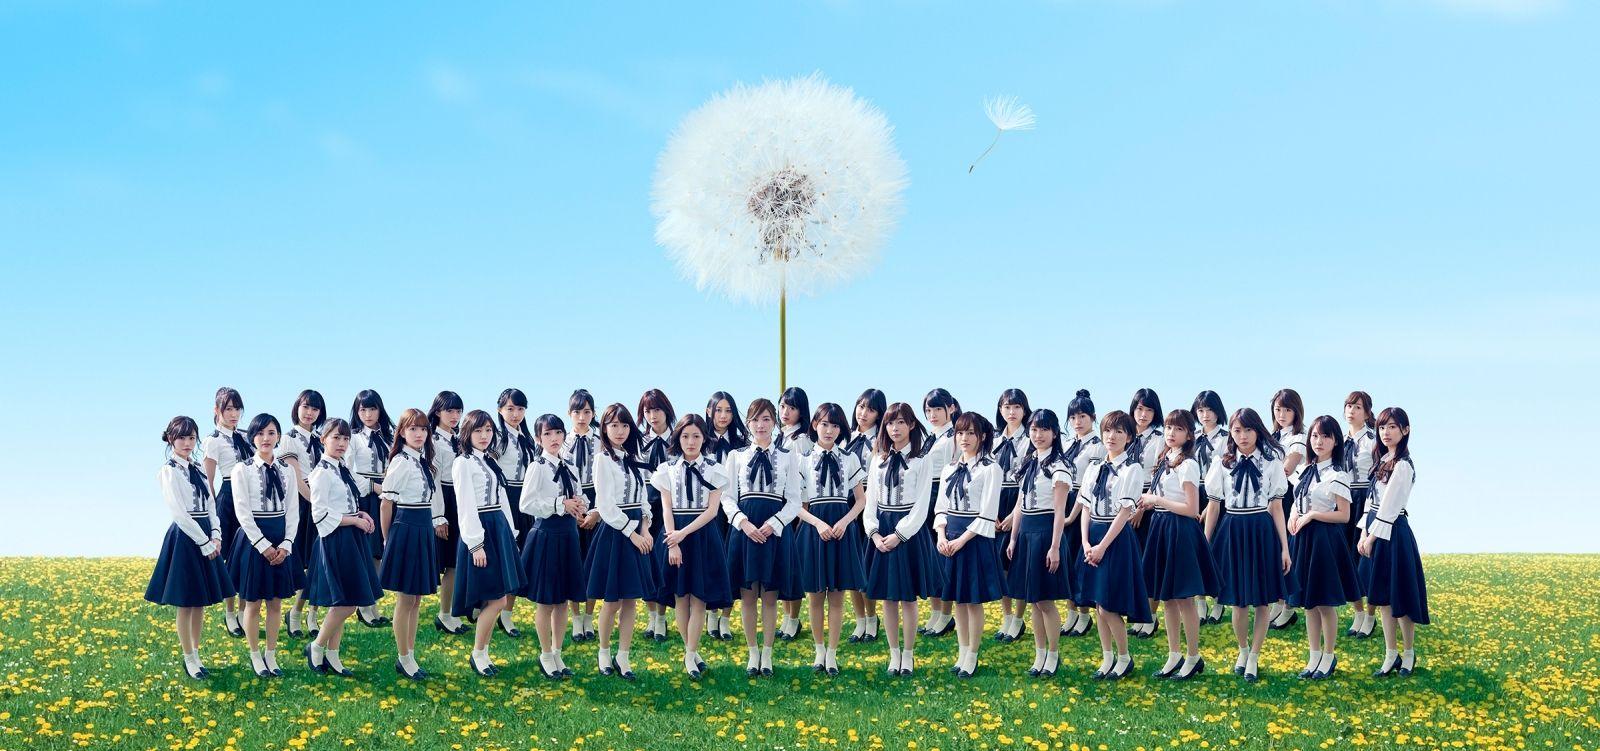 AKB48、5月26日のMステに出演!「願いごとの持ち腐れ」を披露!